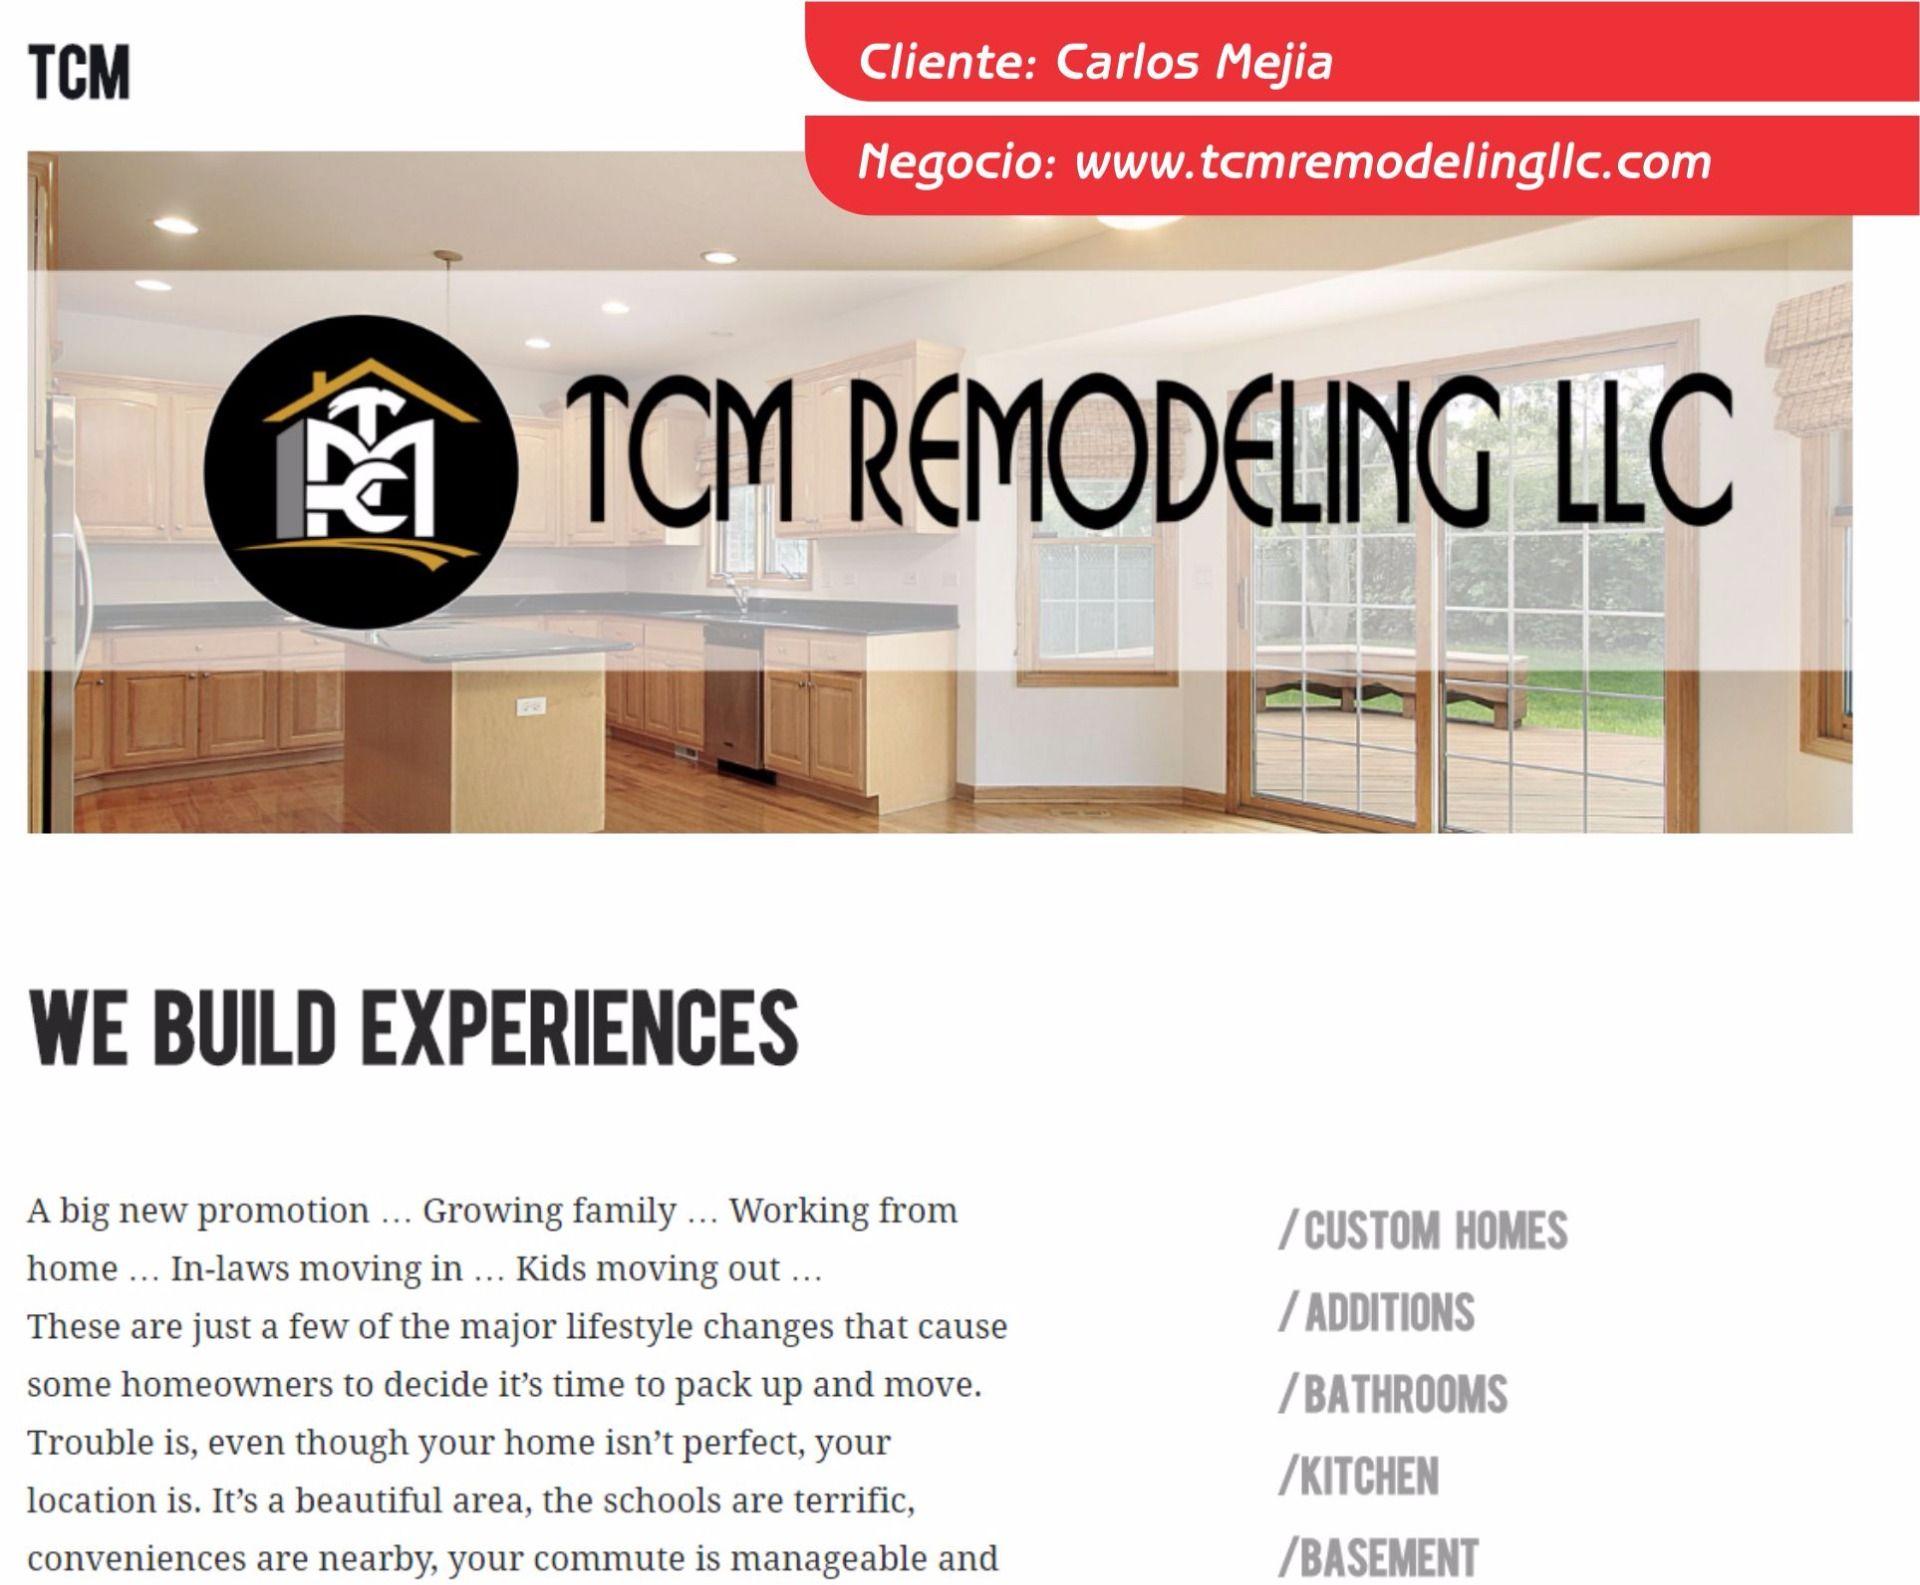 TCM Remodeling